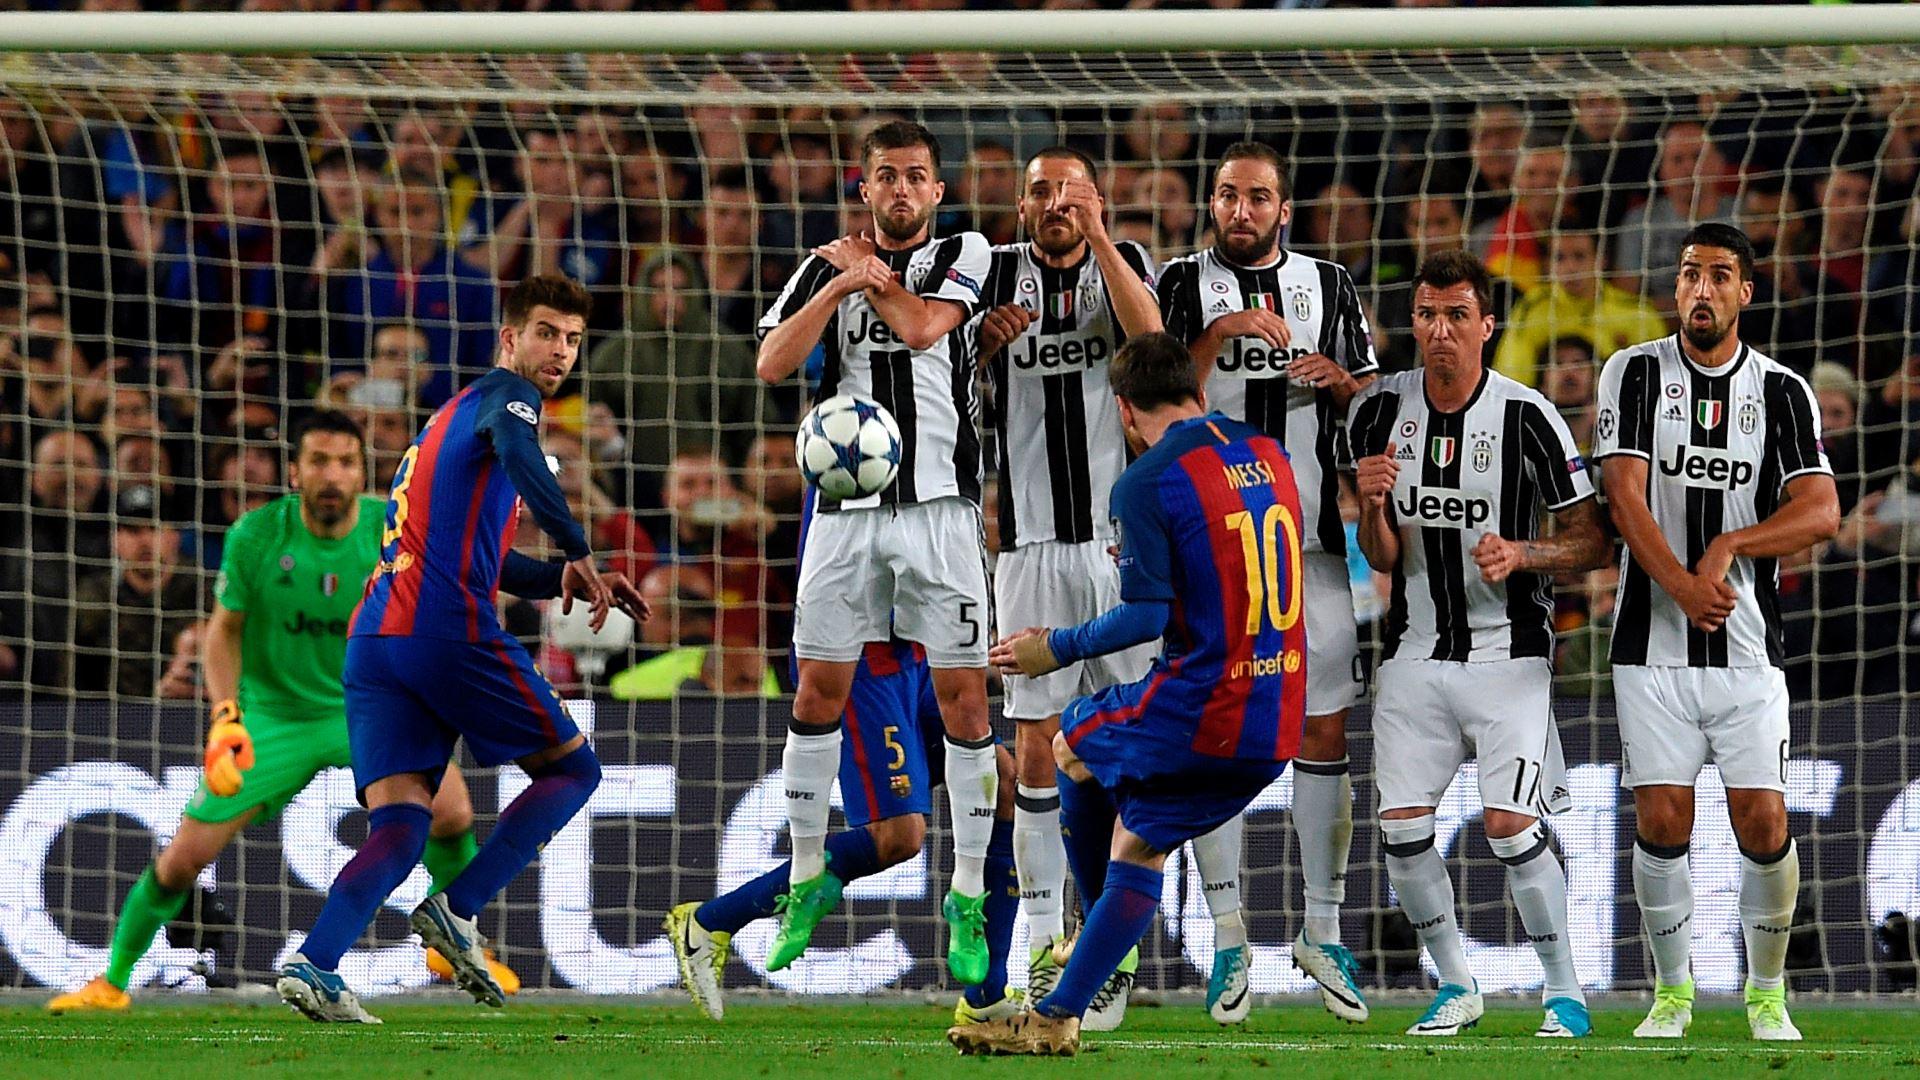 Những lý do để tin Juventus sẽ vô địch Champions League